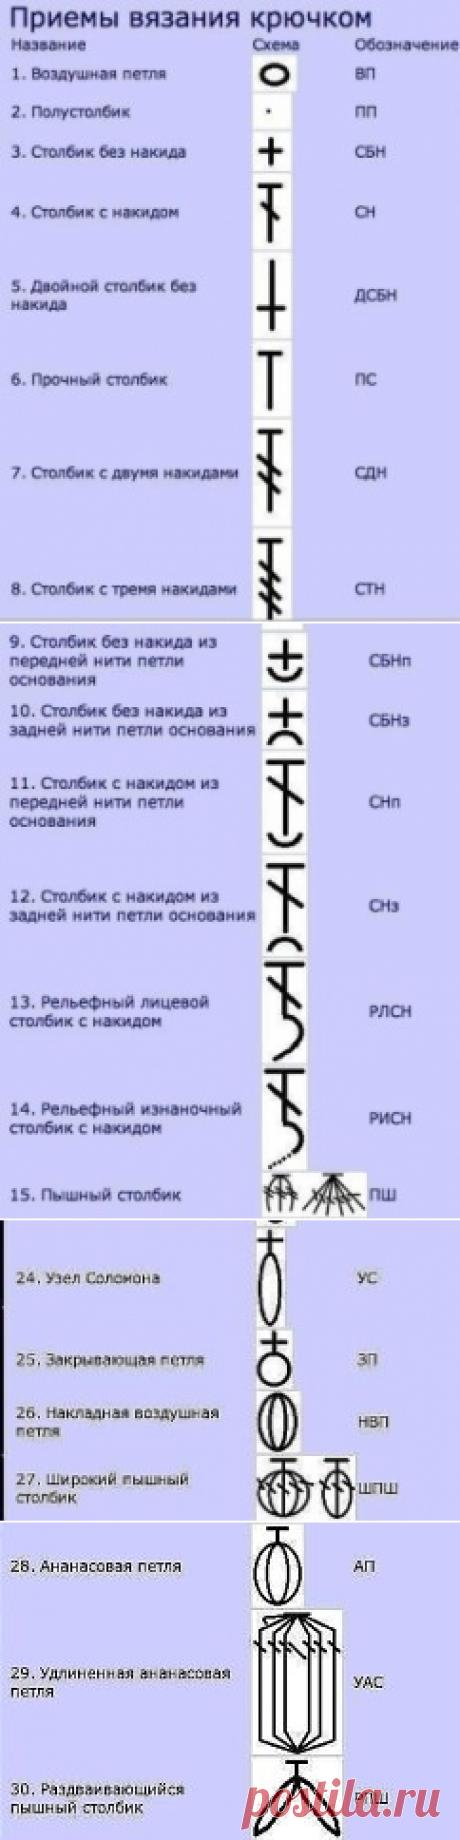 (23) Одноклассники    Шпаргалки для вязальщиц